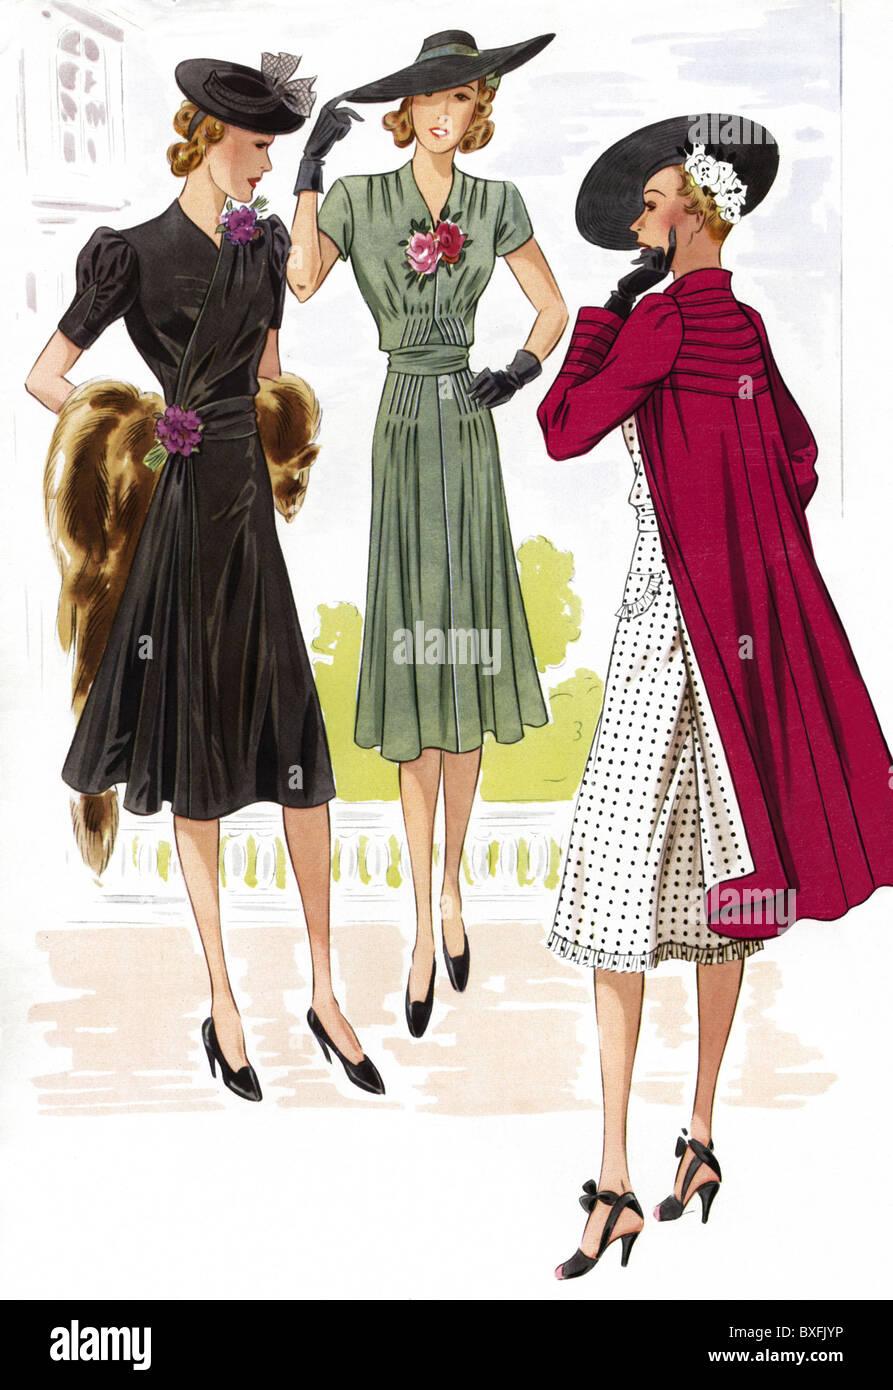 mode, 1930er jahre, damenmode, elegante mode, 20